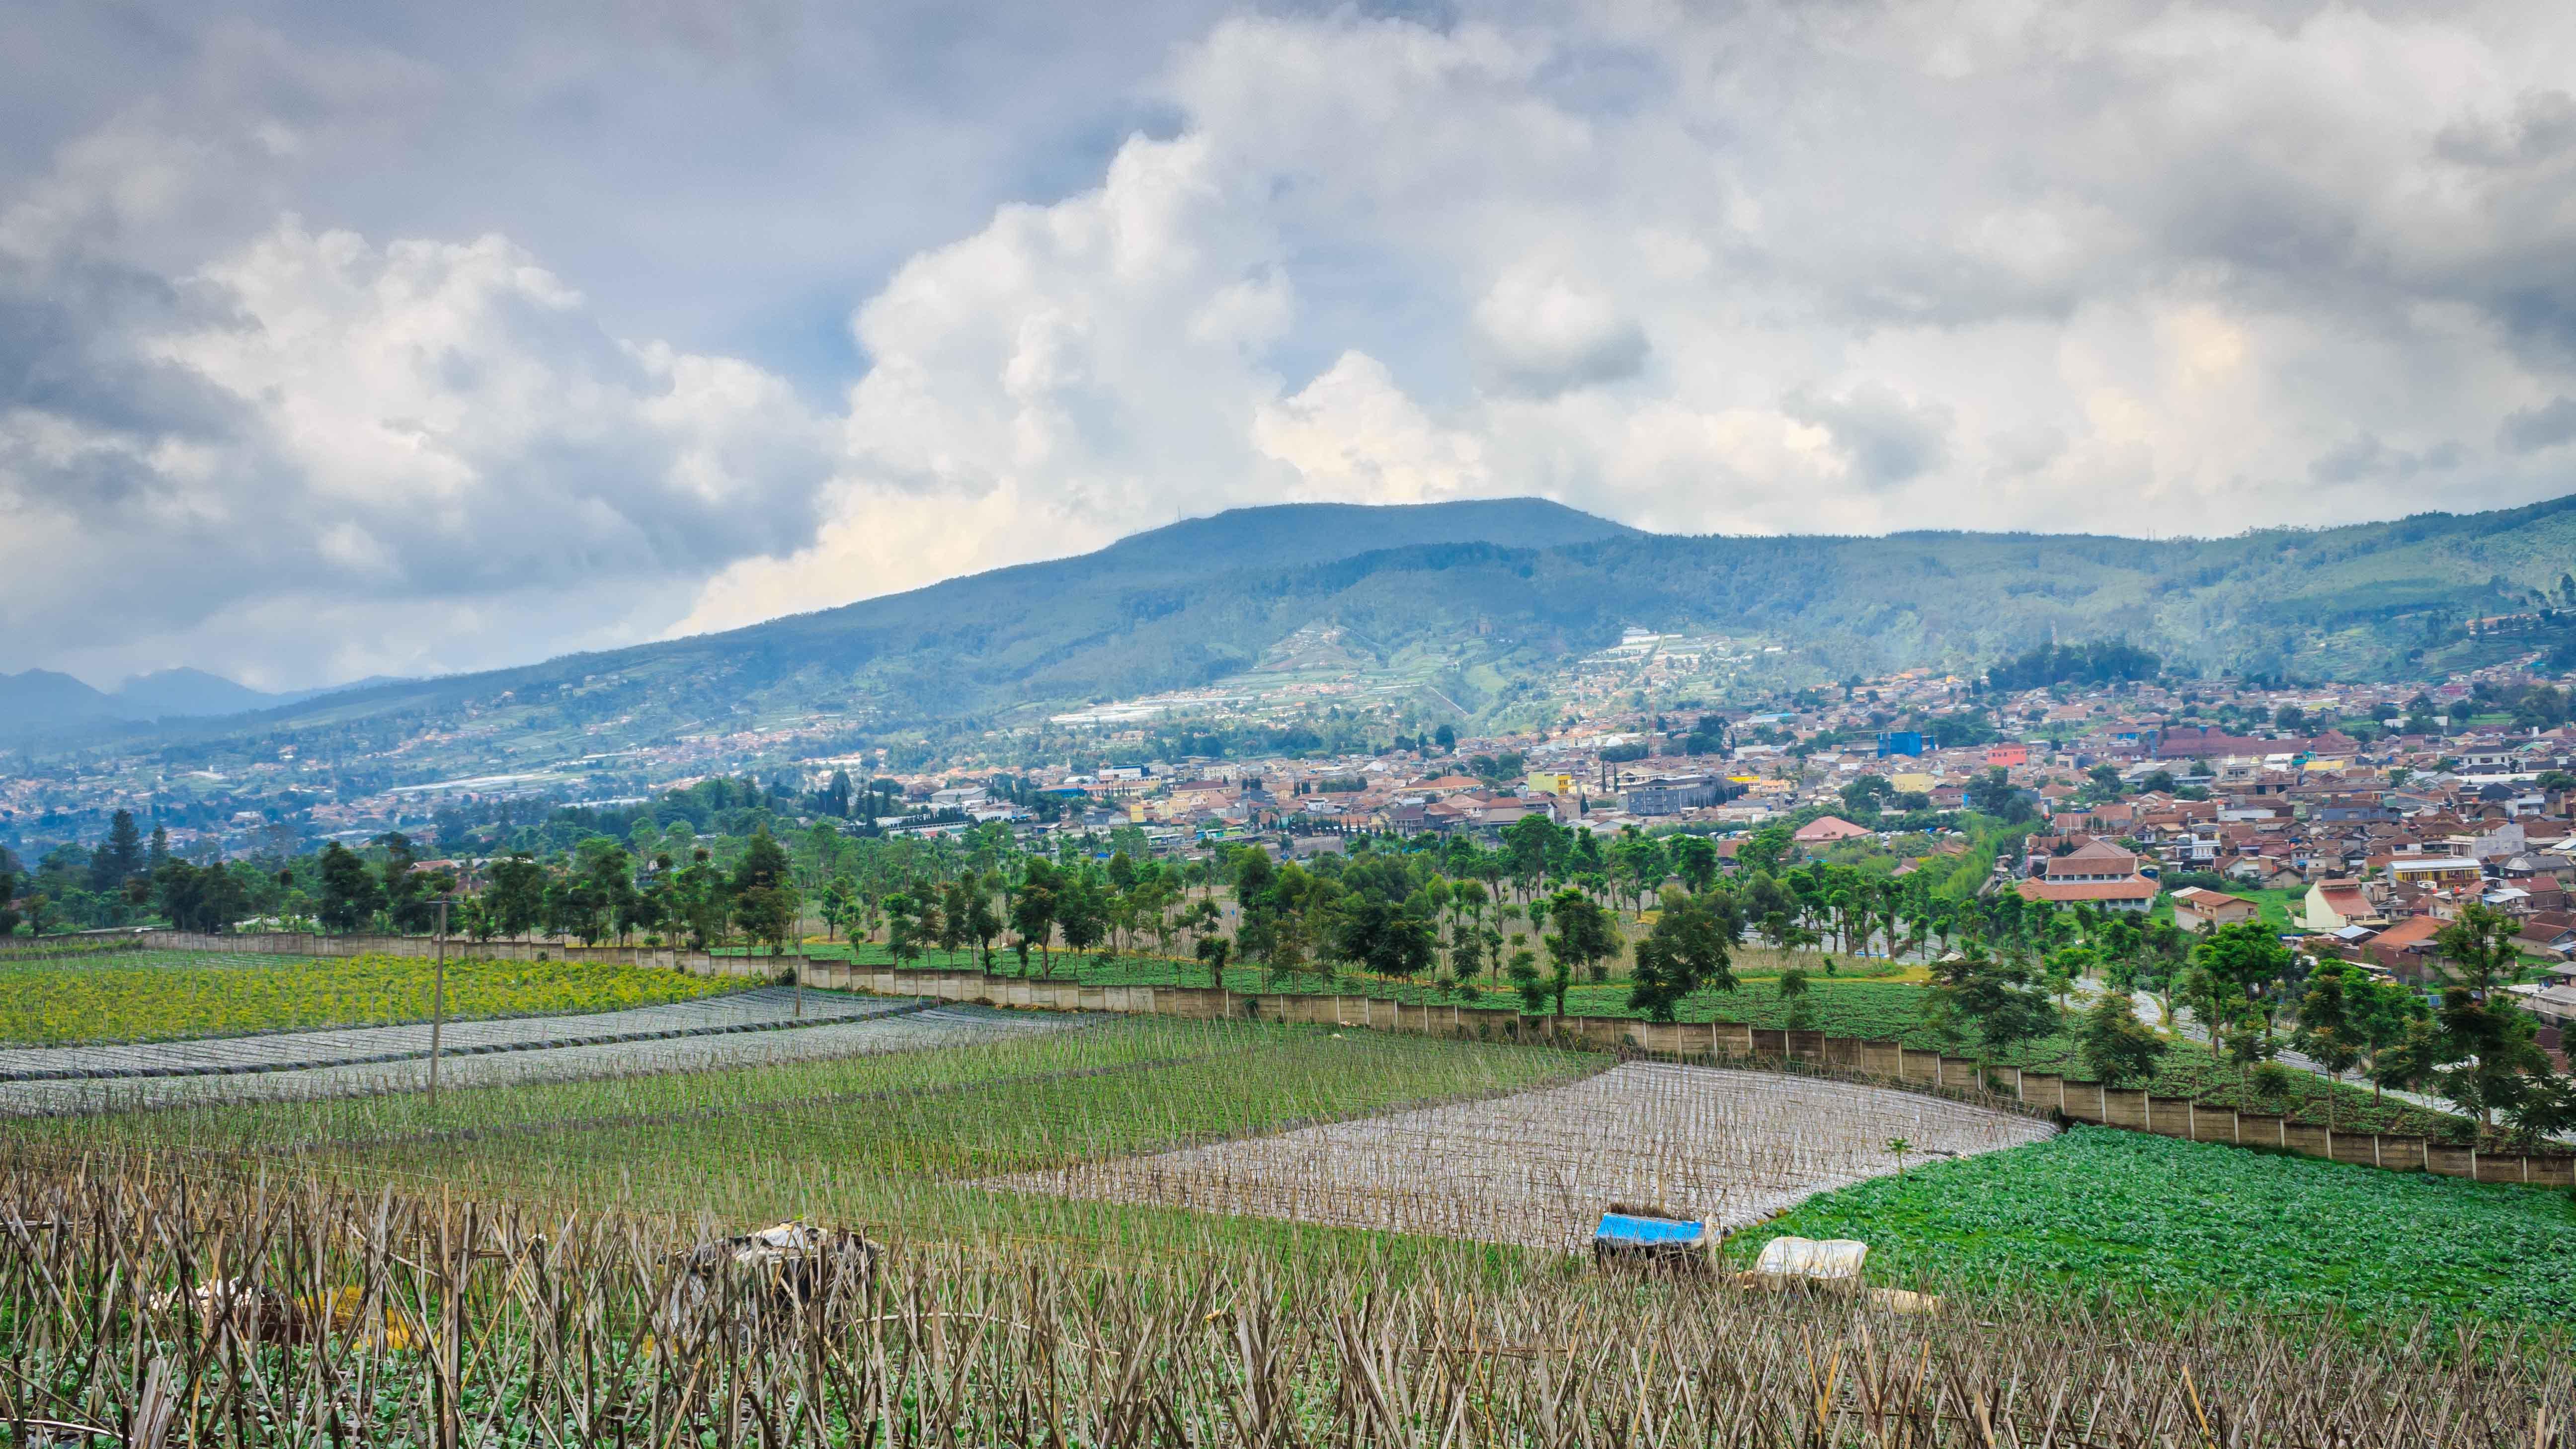 15 Destinasi Wisata Keluarga Purwokerto Asyik Menyenangkan Tempat Lembang Romantis